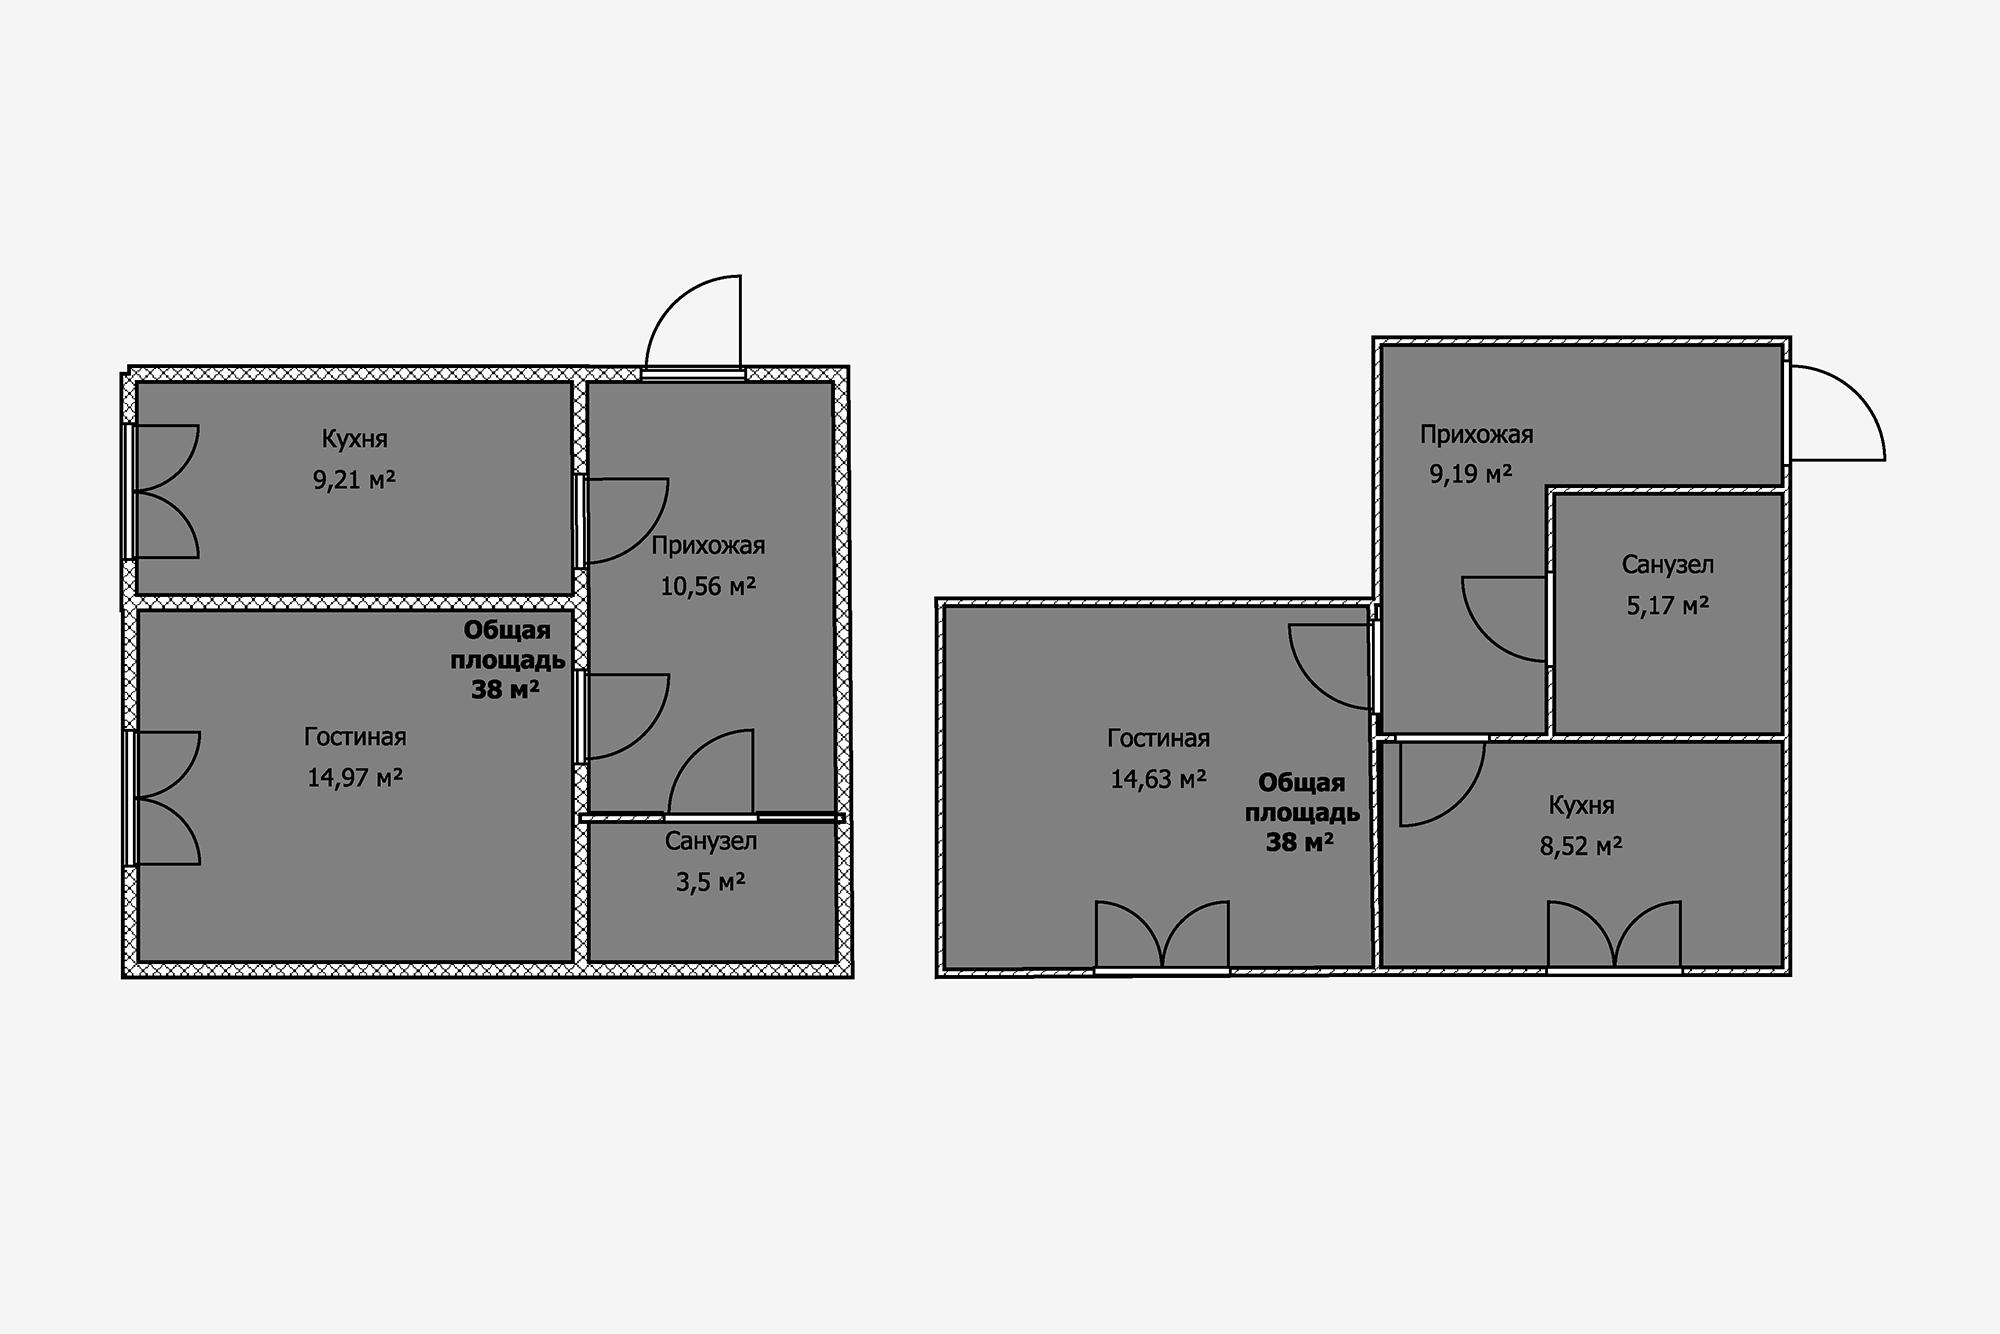 Вобеих квартирах коридор занимает около четверти всей площади. Впервом случае присоединить его ккомнатам нельзя из-за несущих стен, вовтором— из-за санузла. Конечно, можно установить вхолле шкаф вовсю стену, новсеравно такой размер технического помещения неоправданно велик